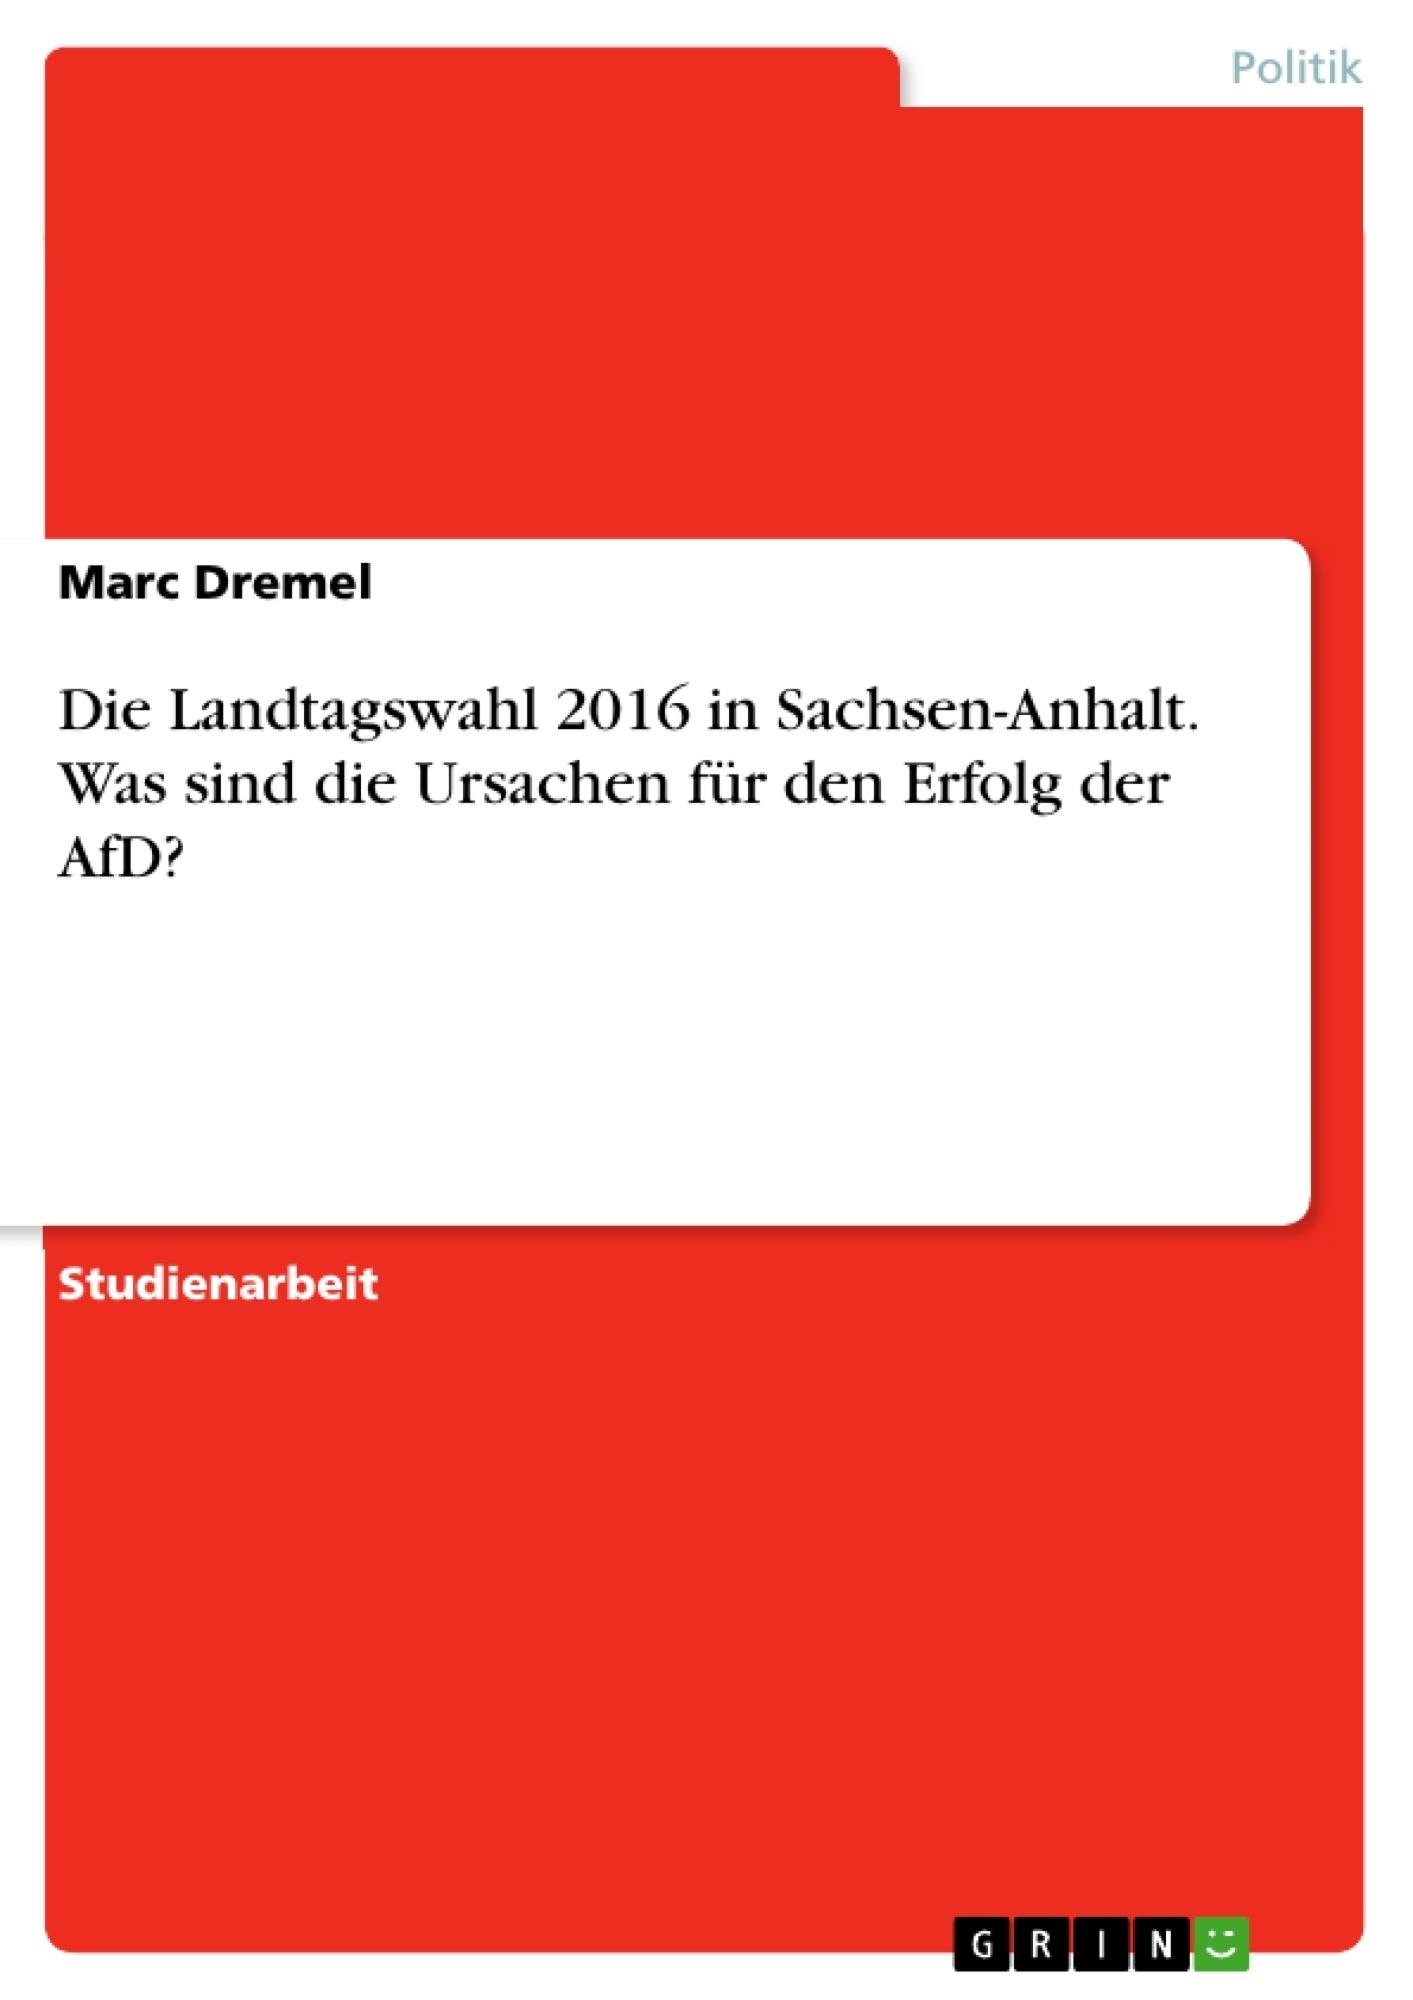 Titel: Die Landtagswahl 2016 in Sachsen-Anhalt. Was sind die Ursachen für den Erfolg der AfD?